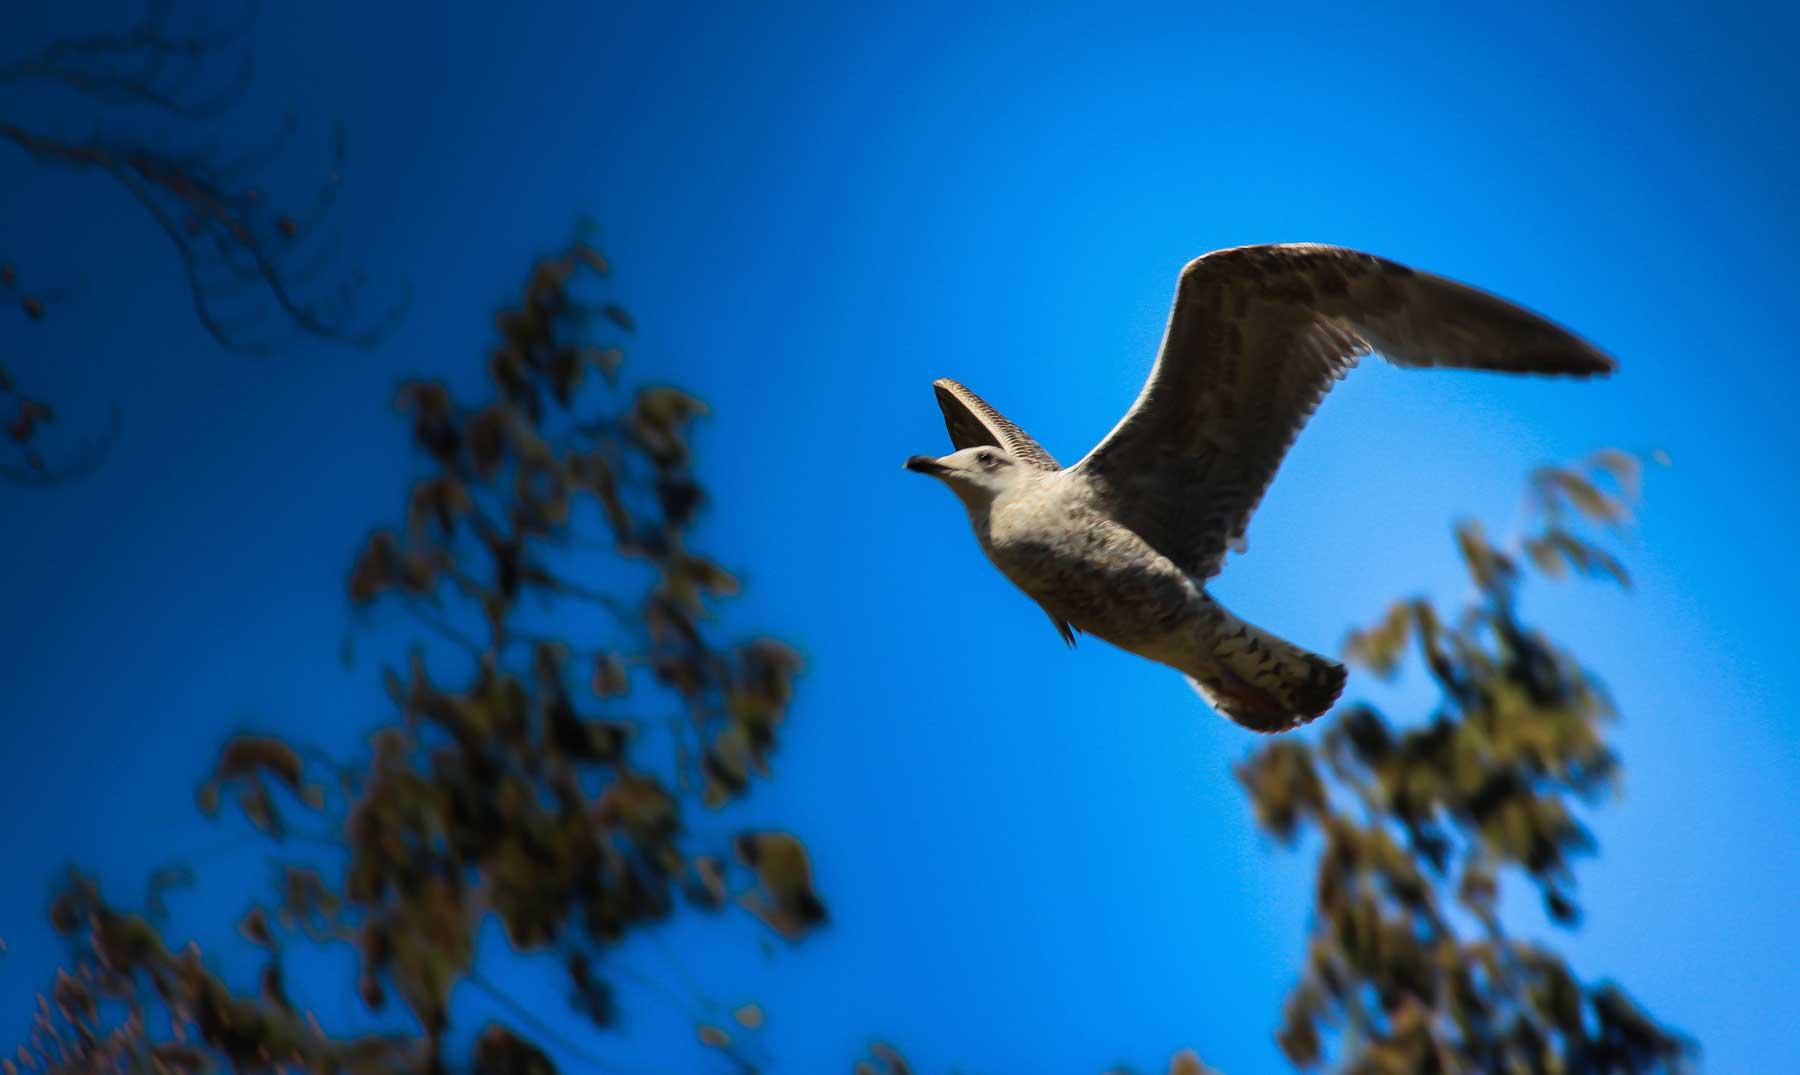 ¿Cómo se orientan las aves en sus vuelos?